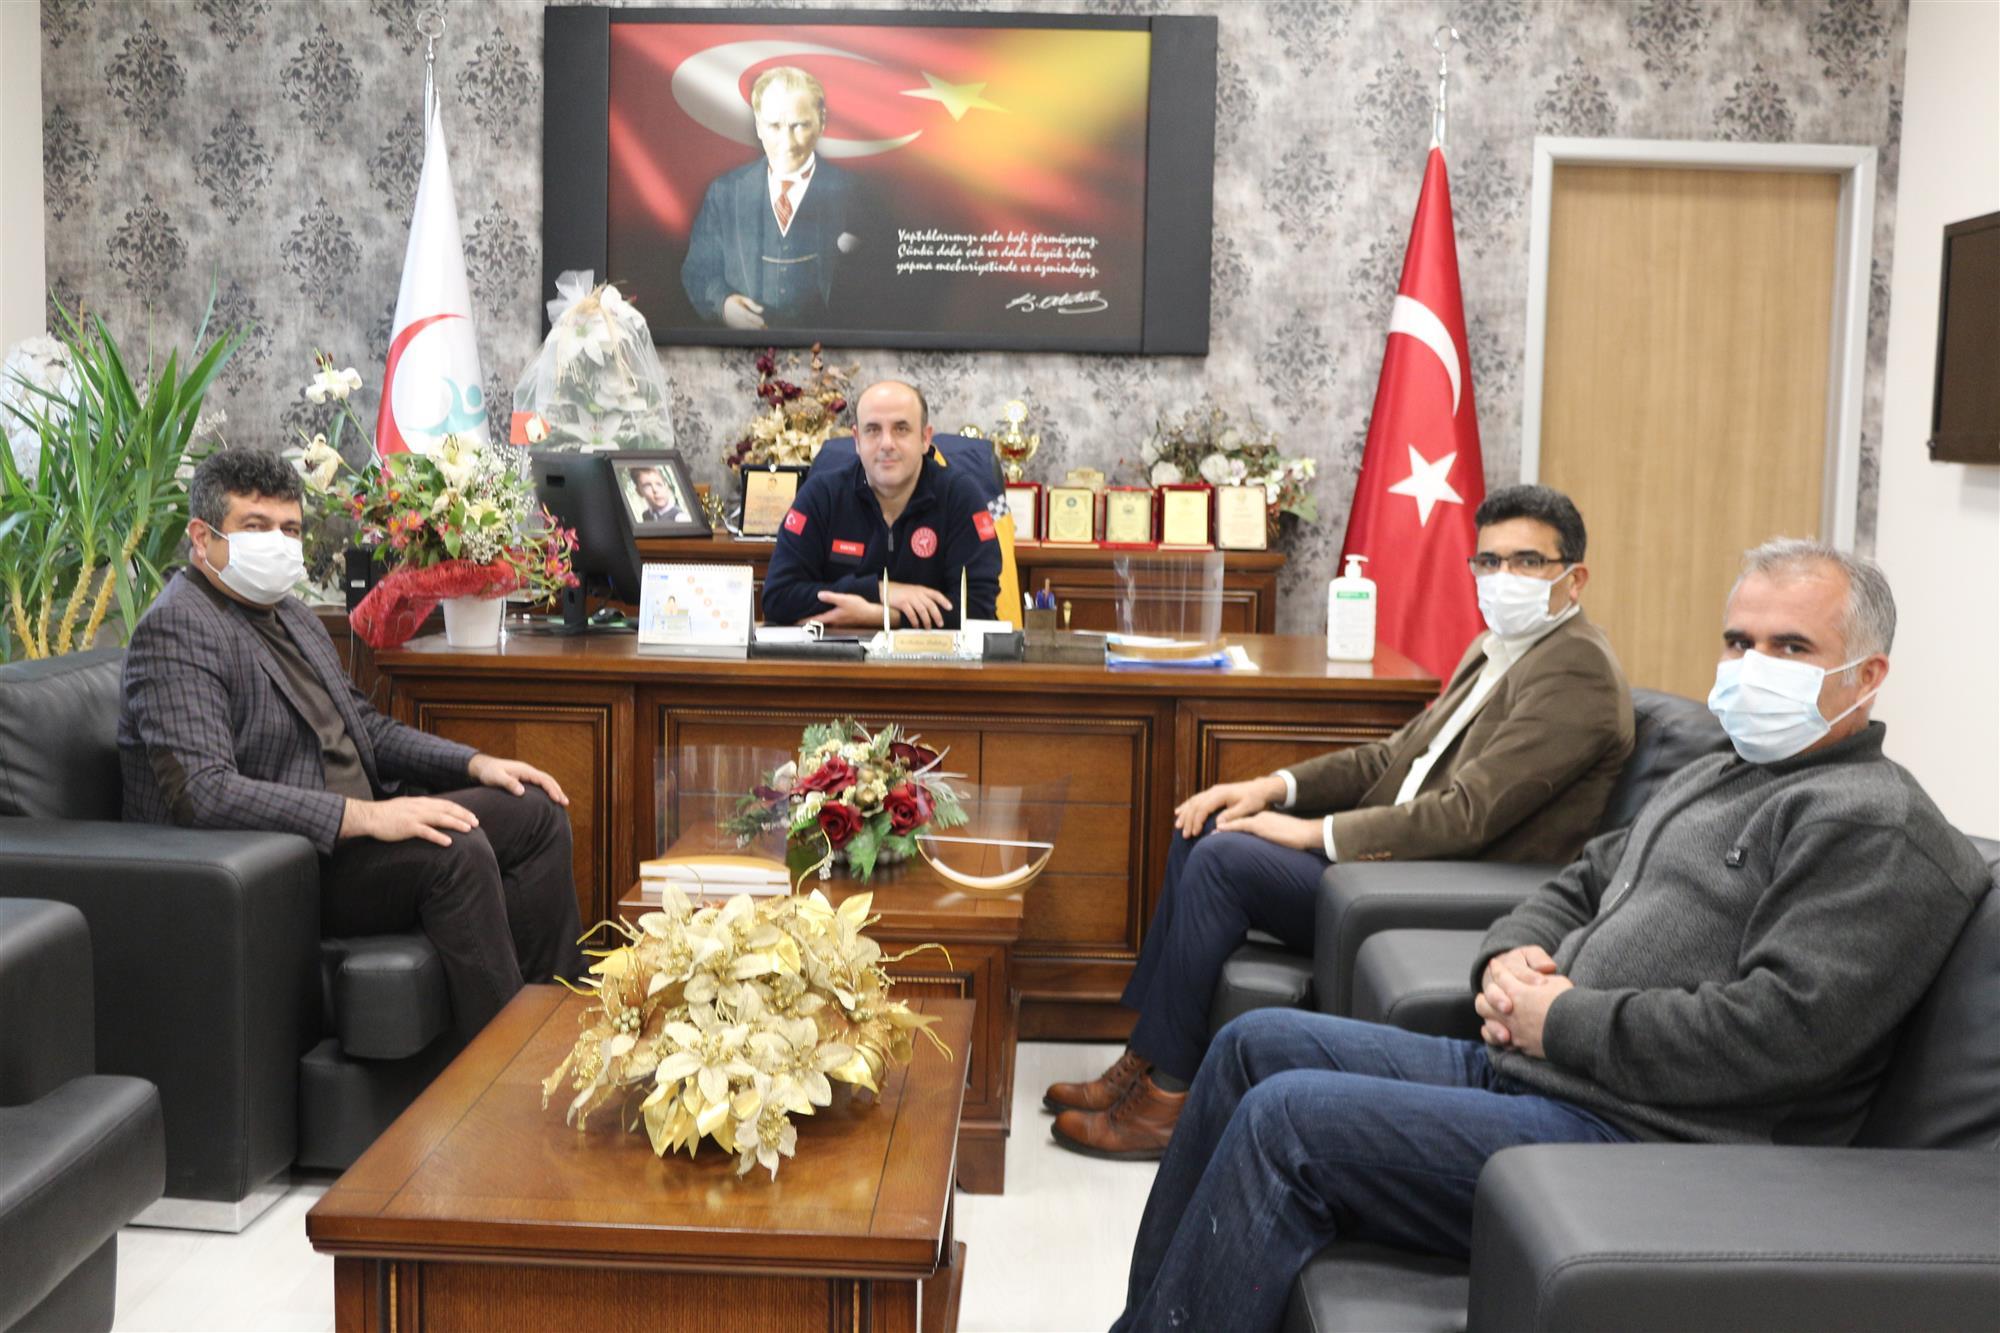 Nevşehir Mesleki ve Teknik Anadolu Lisesi Yüz Siperliklerini İl Sağlık Müdürlüğüne Teslim Etti